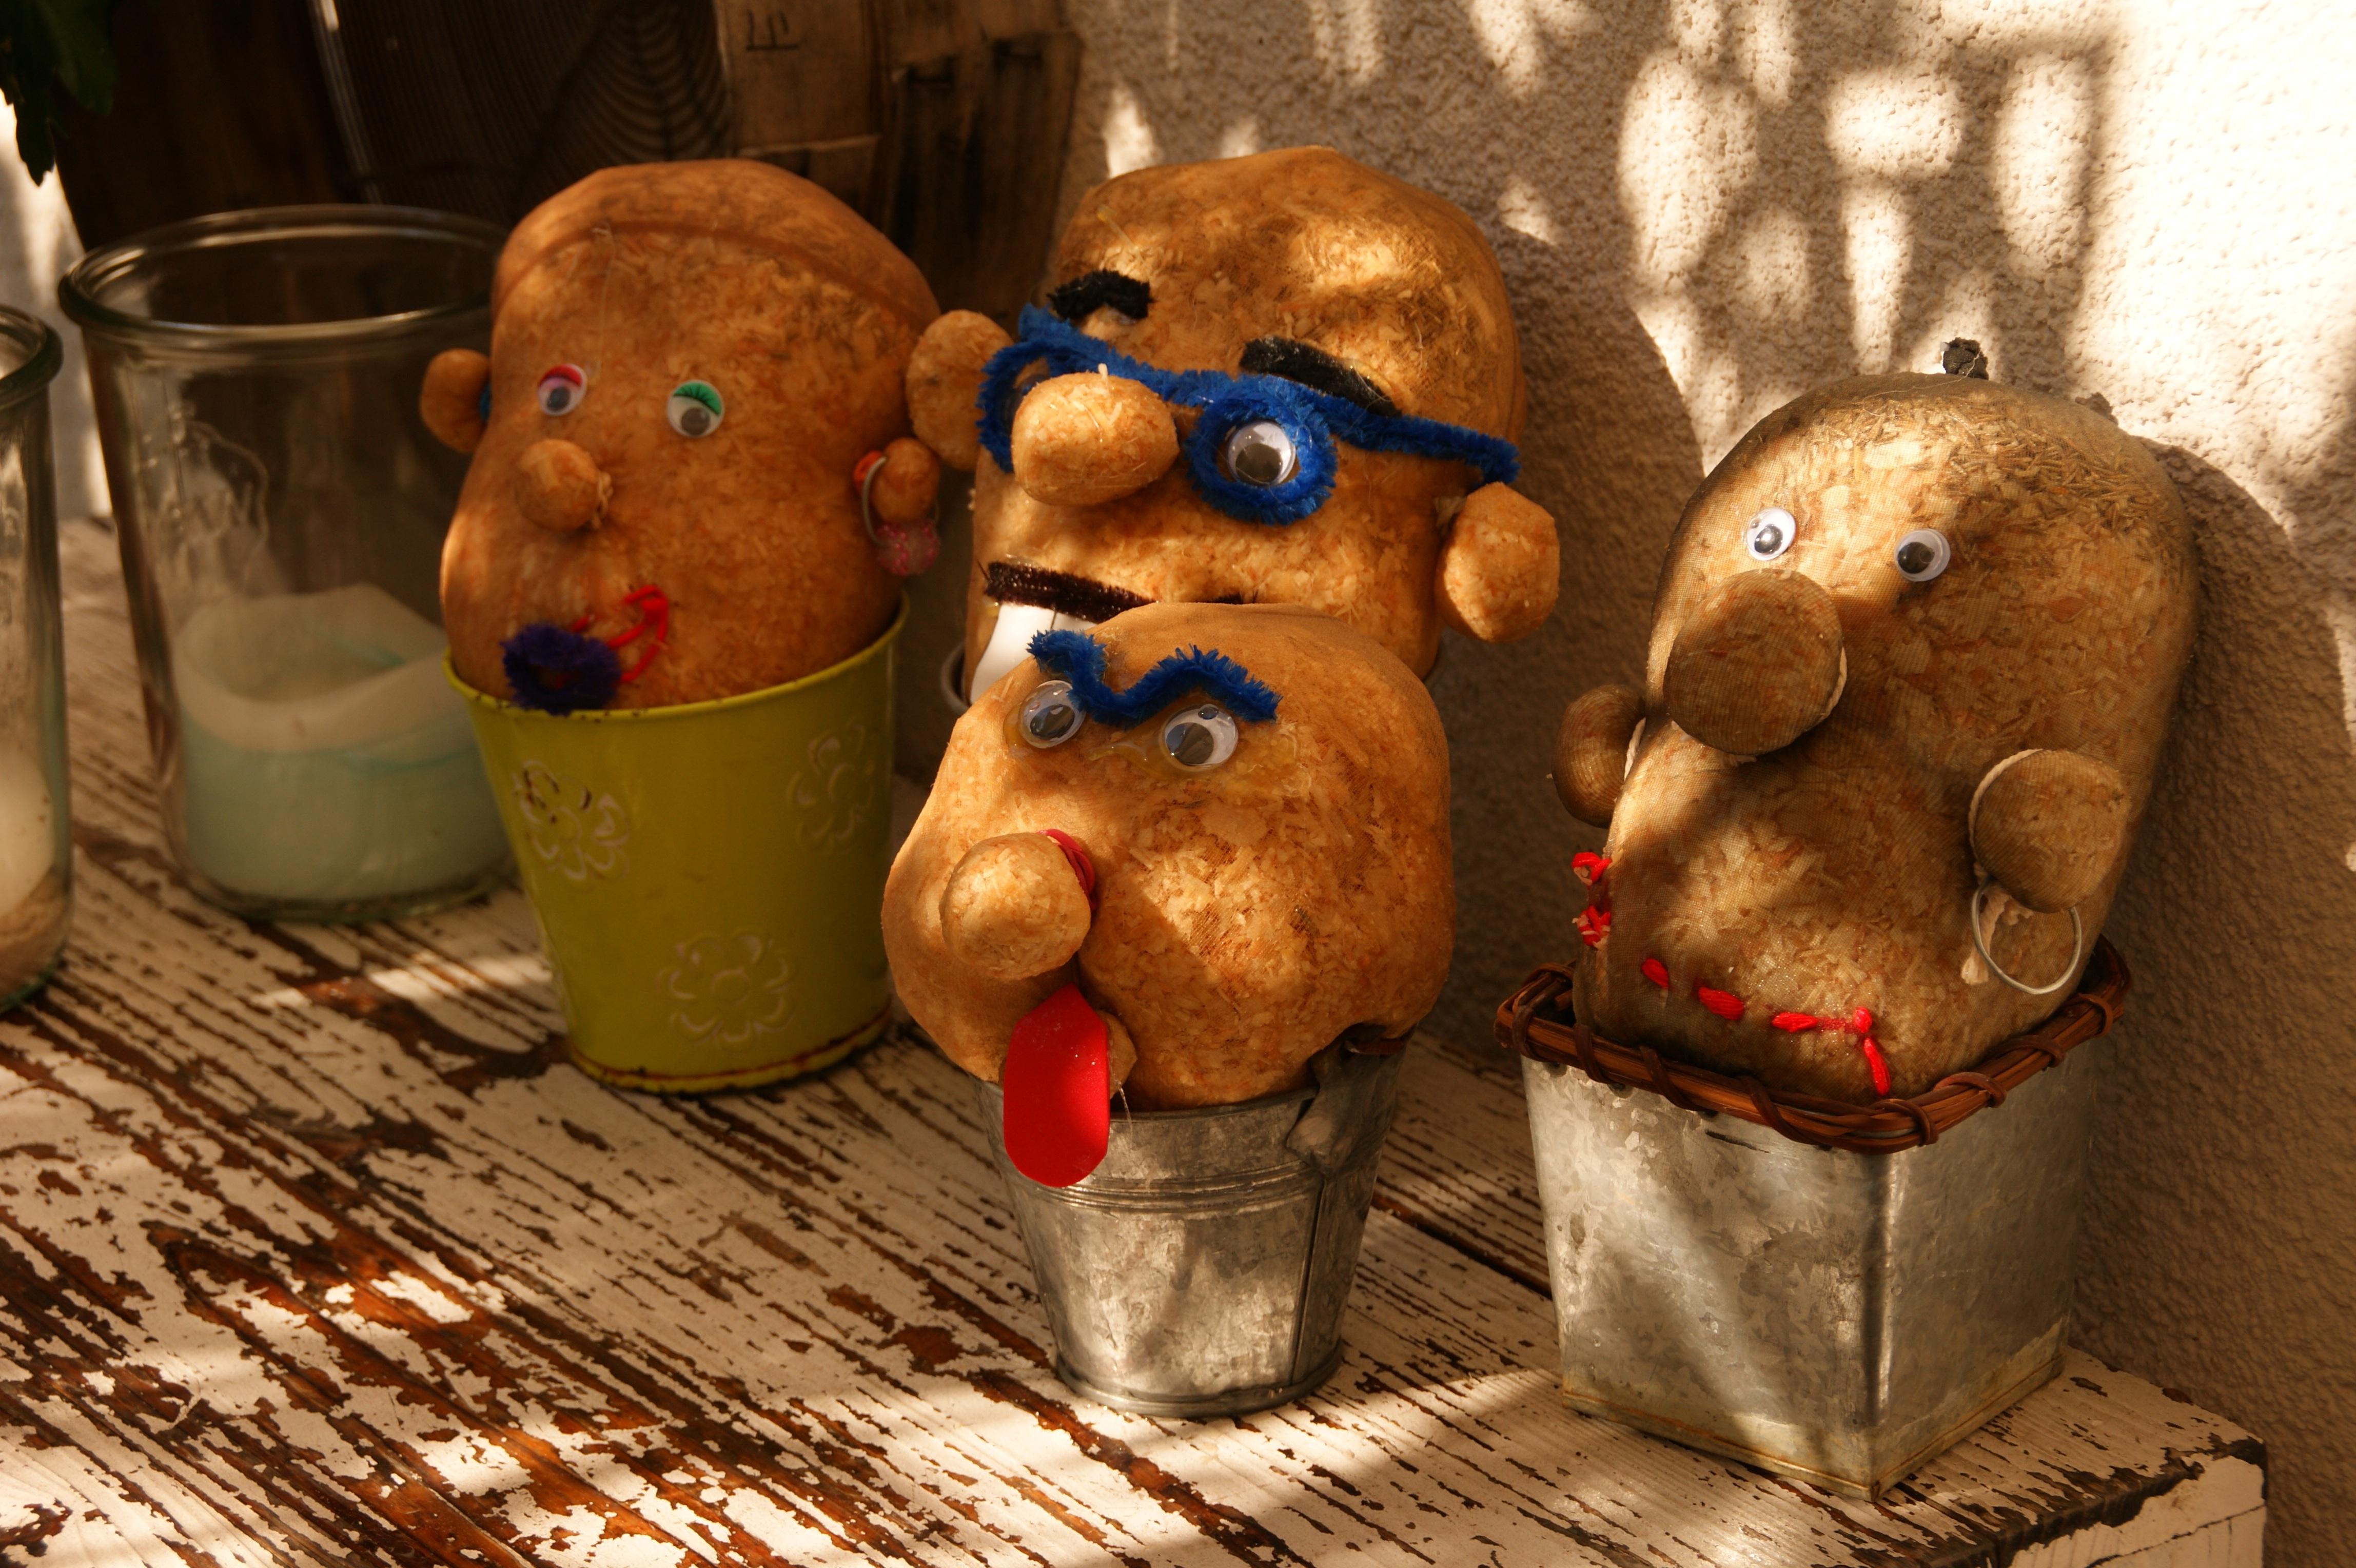 Gambar Imut Merah Warna Mainan Beruang Teddy Lucu